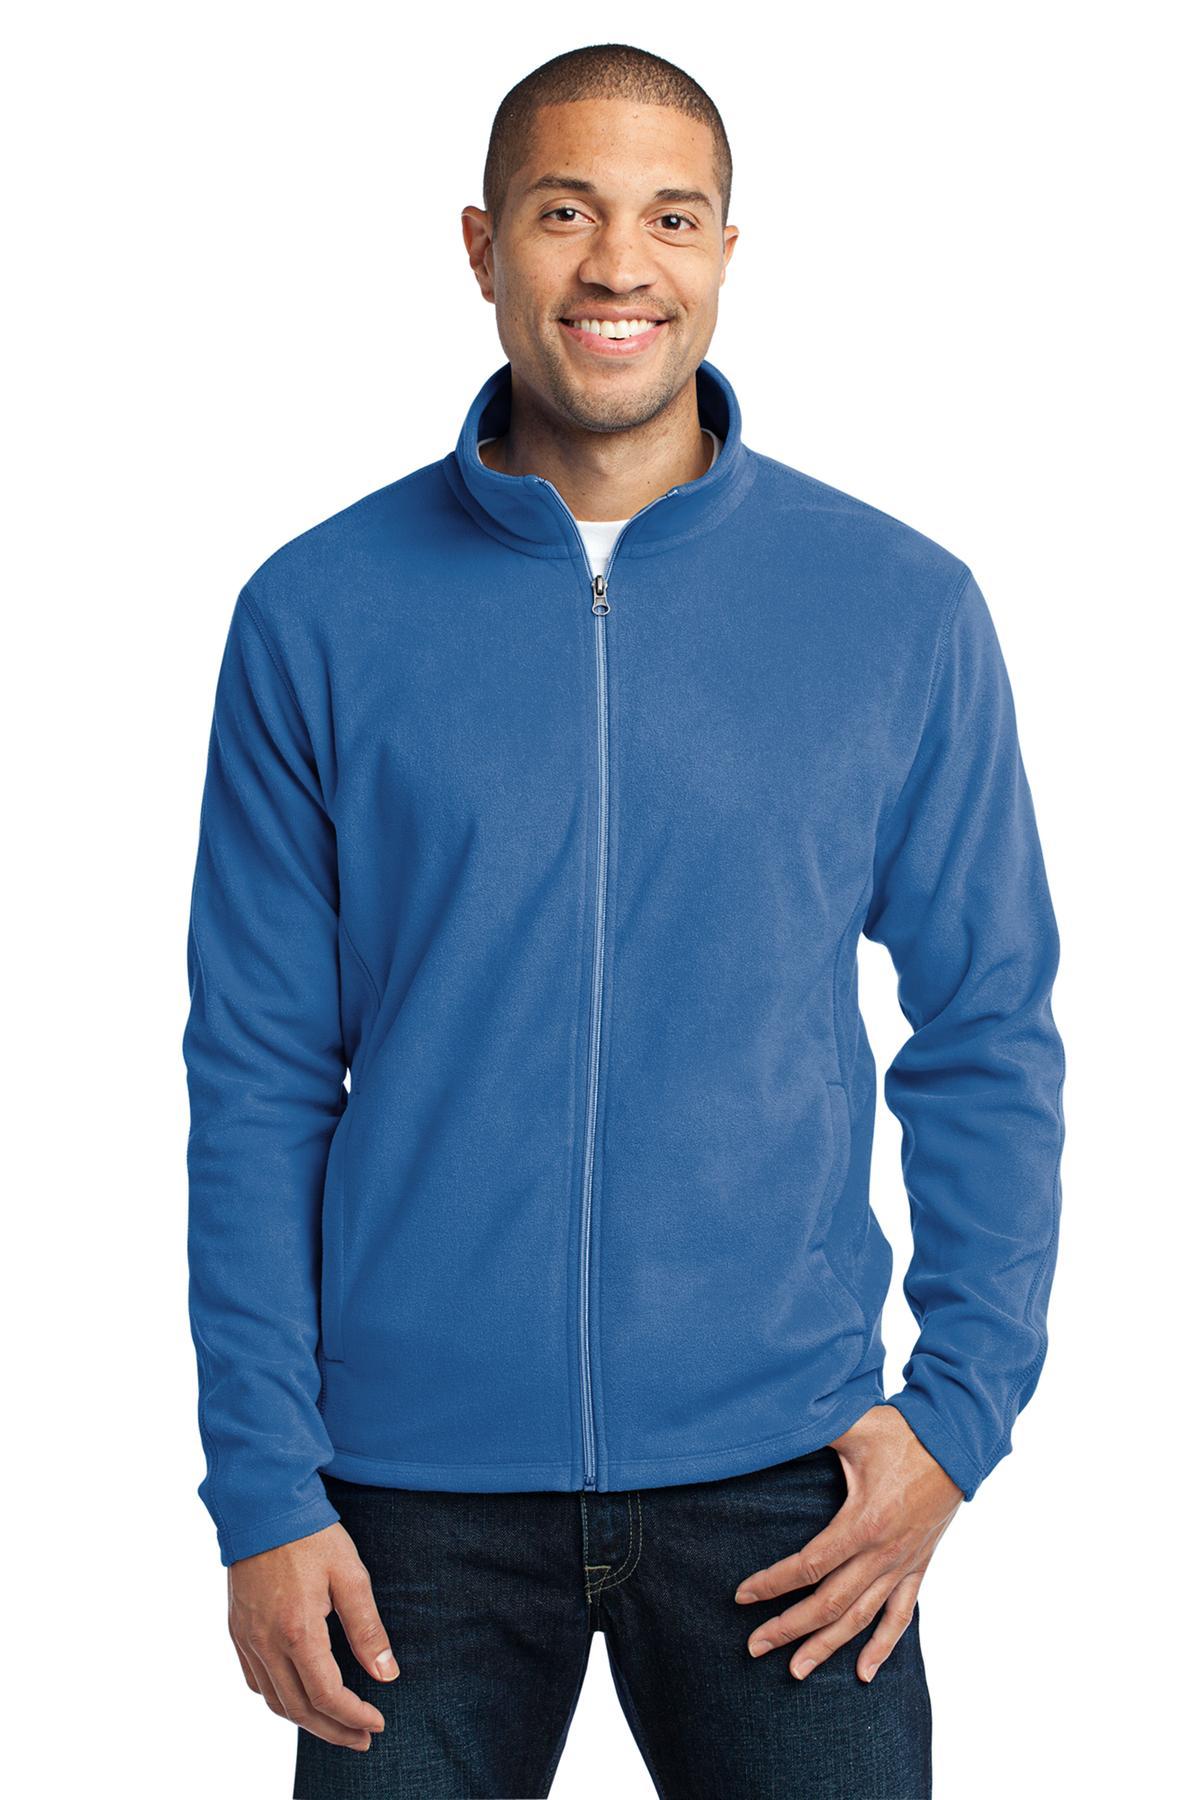 Outerwear-Polyester-Fleece-27